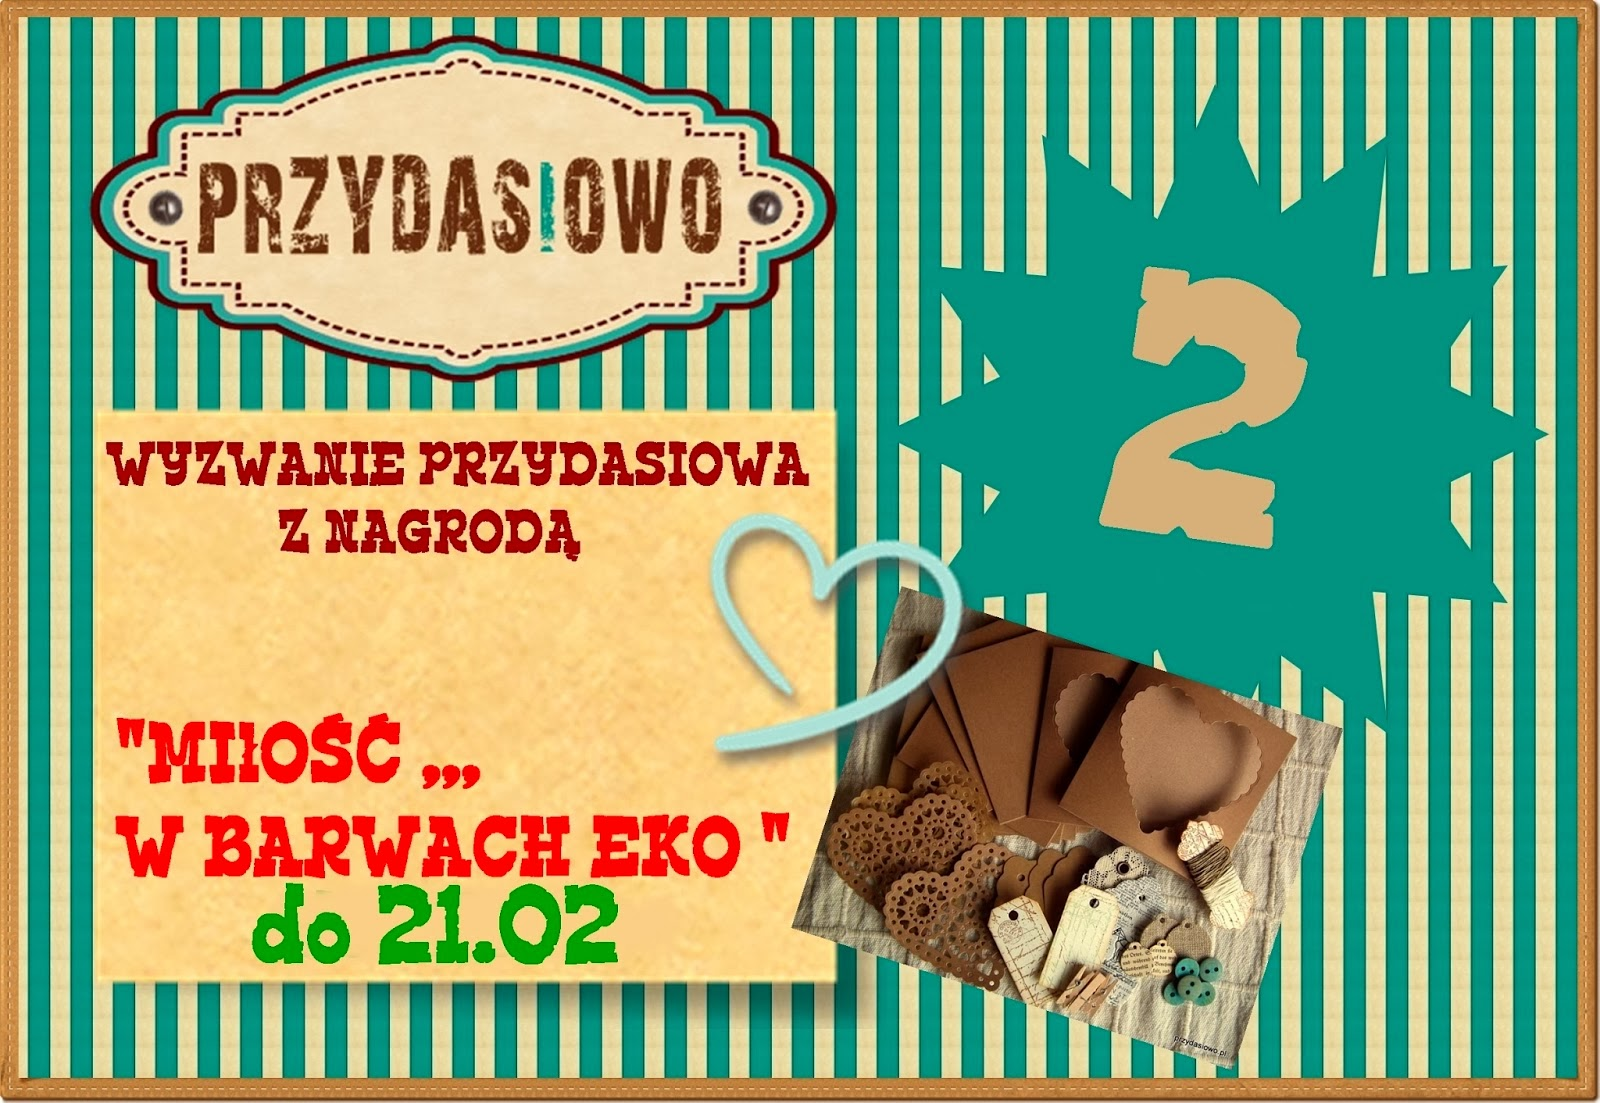 http://franki-przydasiowo.blogspot.com/2014/02/2-wyzwanie-przydasiowe-z-nagroda.html